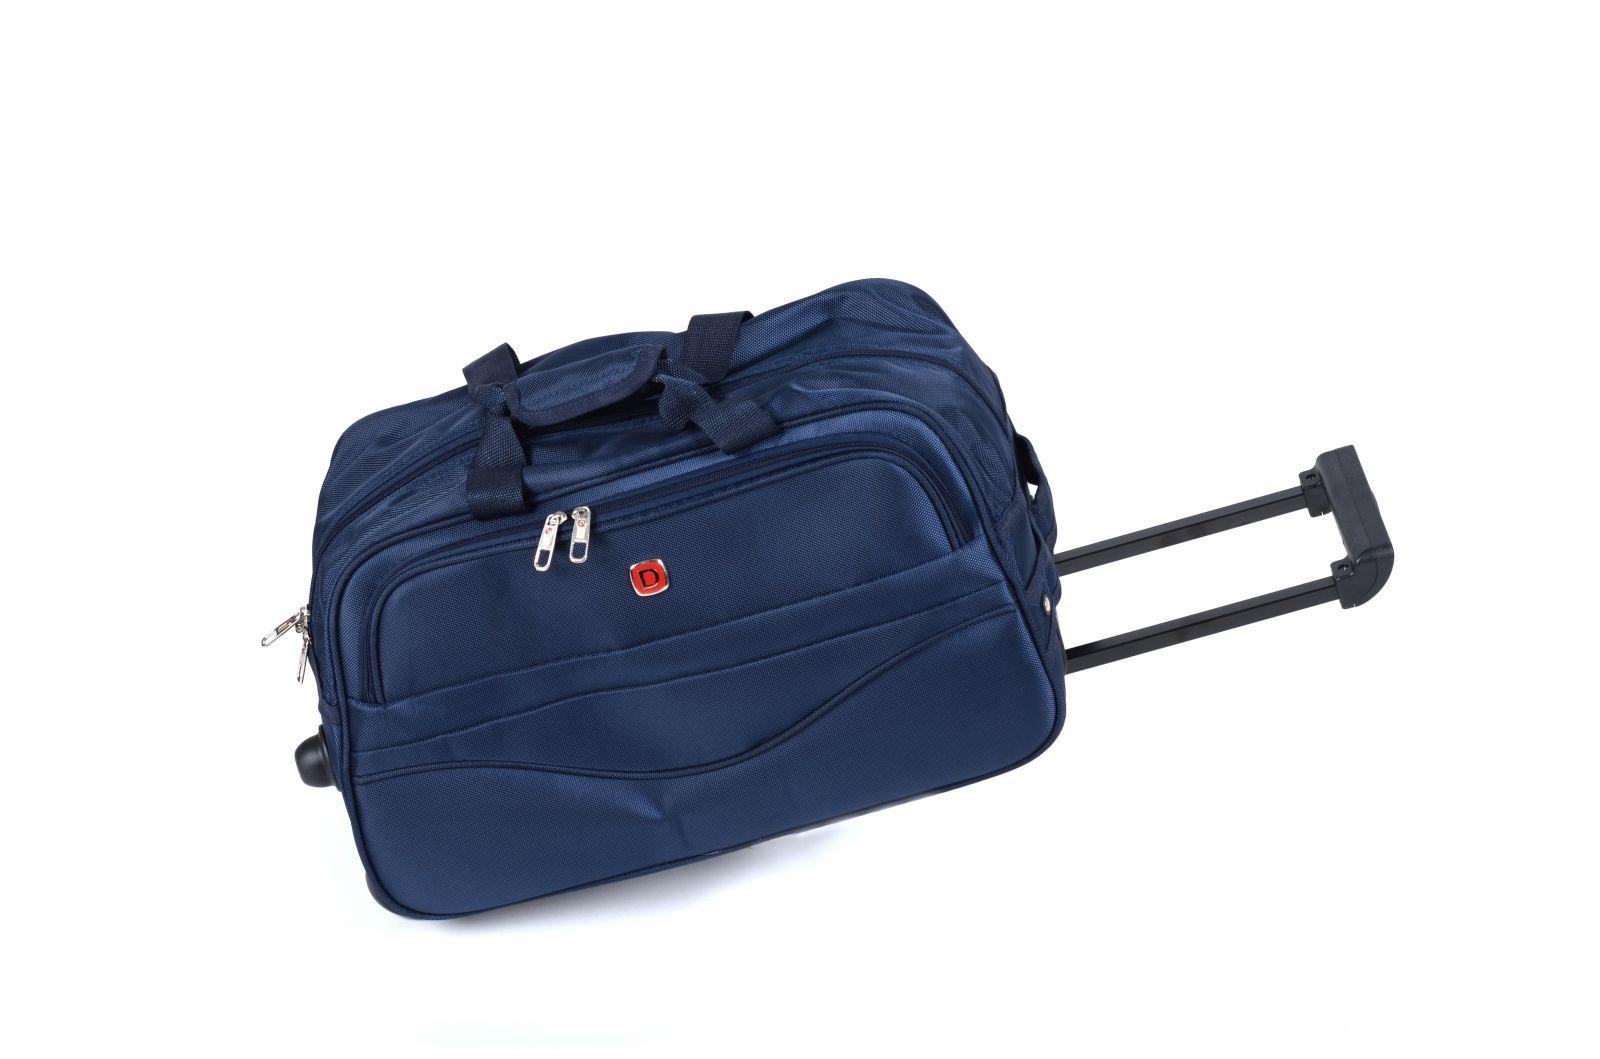 Cestovní taška na kolečkách GLORY malá modrá E-batoh